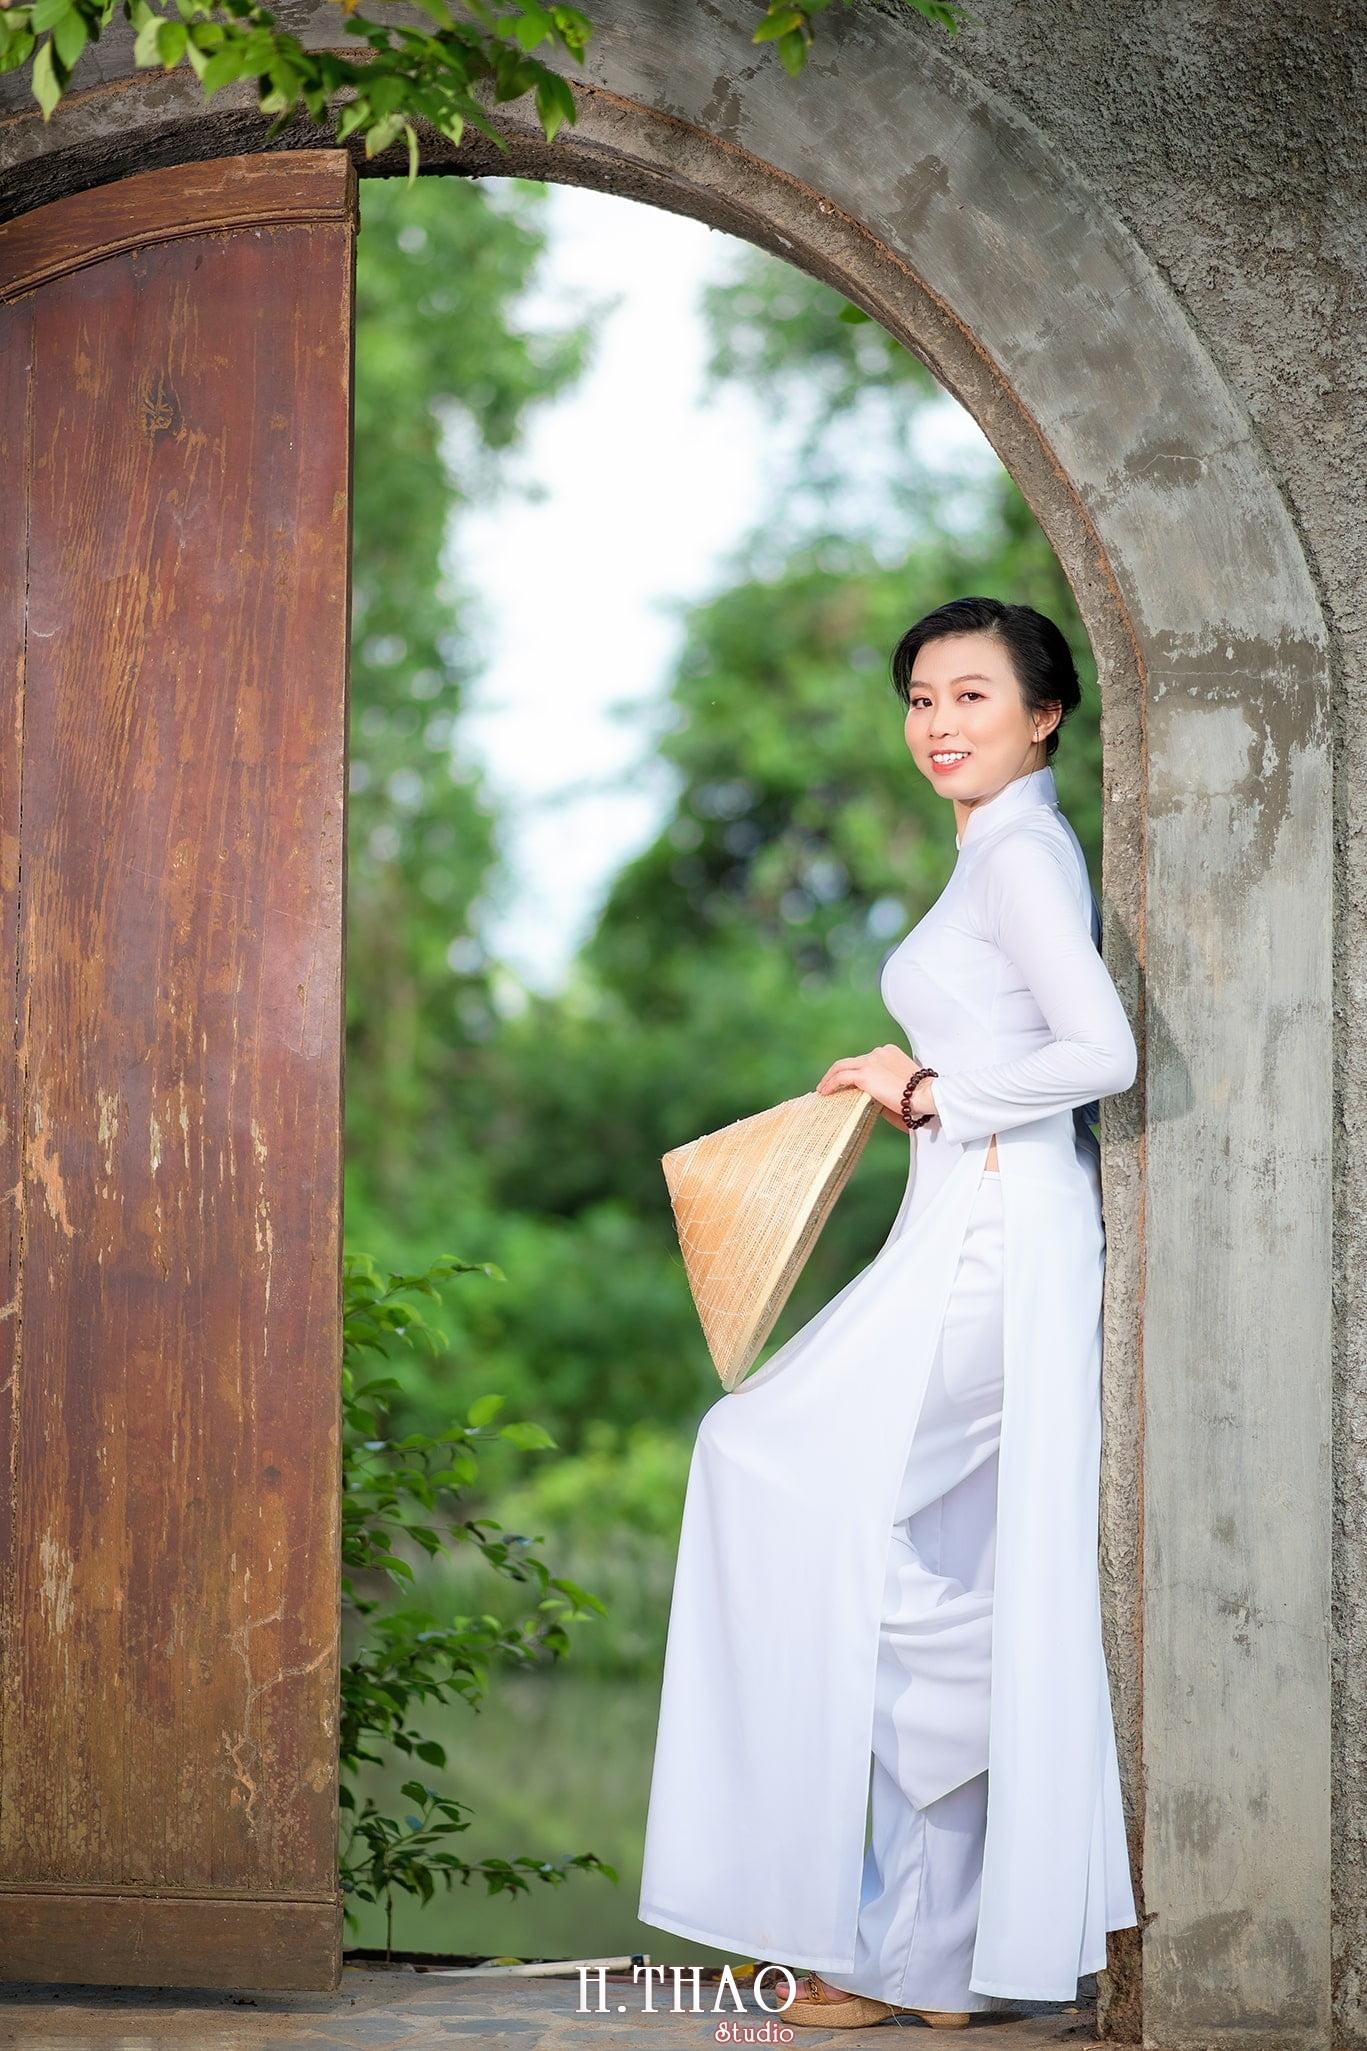 Ao dai trang 13 1 - Bảo tàng áo dài quận 9, địa điểm chụp hình HOT nhất Tp.HCM